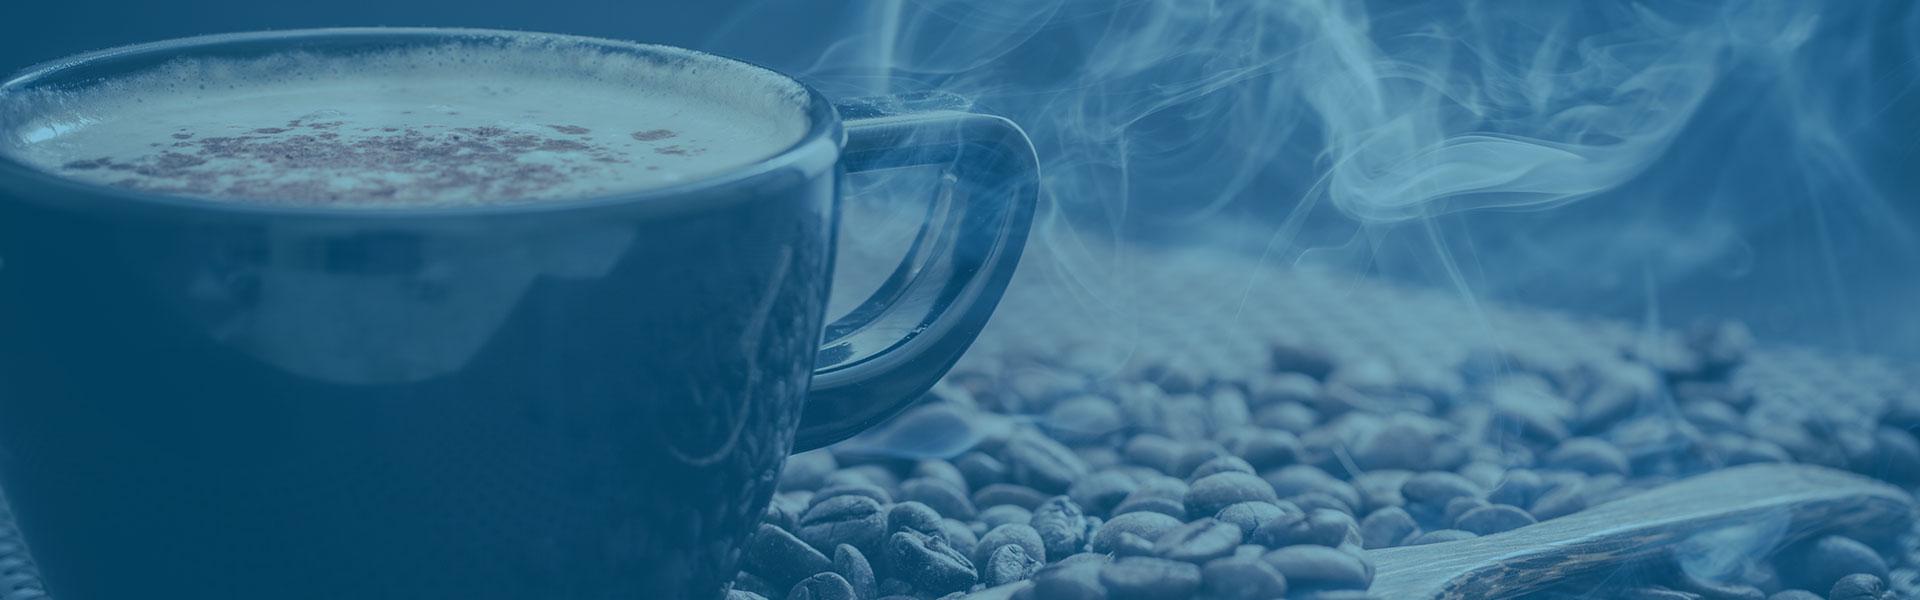 SOMOS ESPECIALISTAS EM ANÁLISE DE CAFÉ